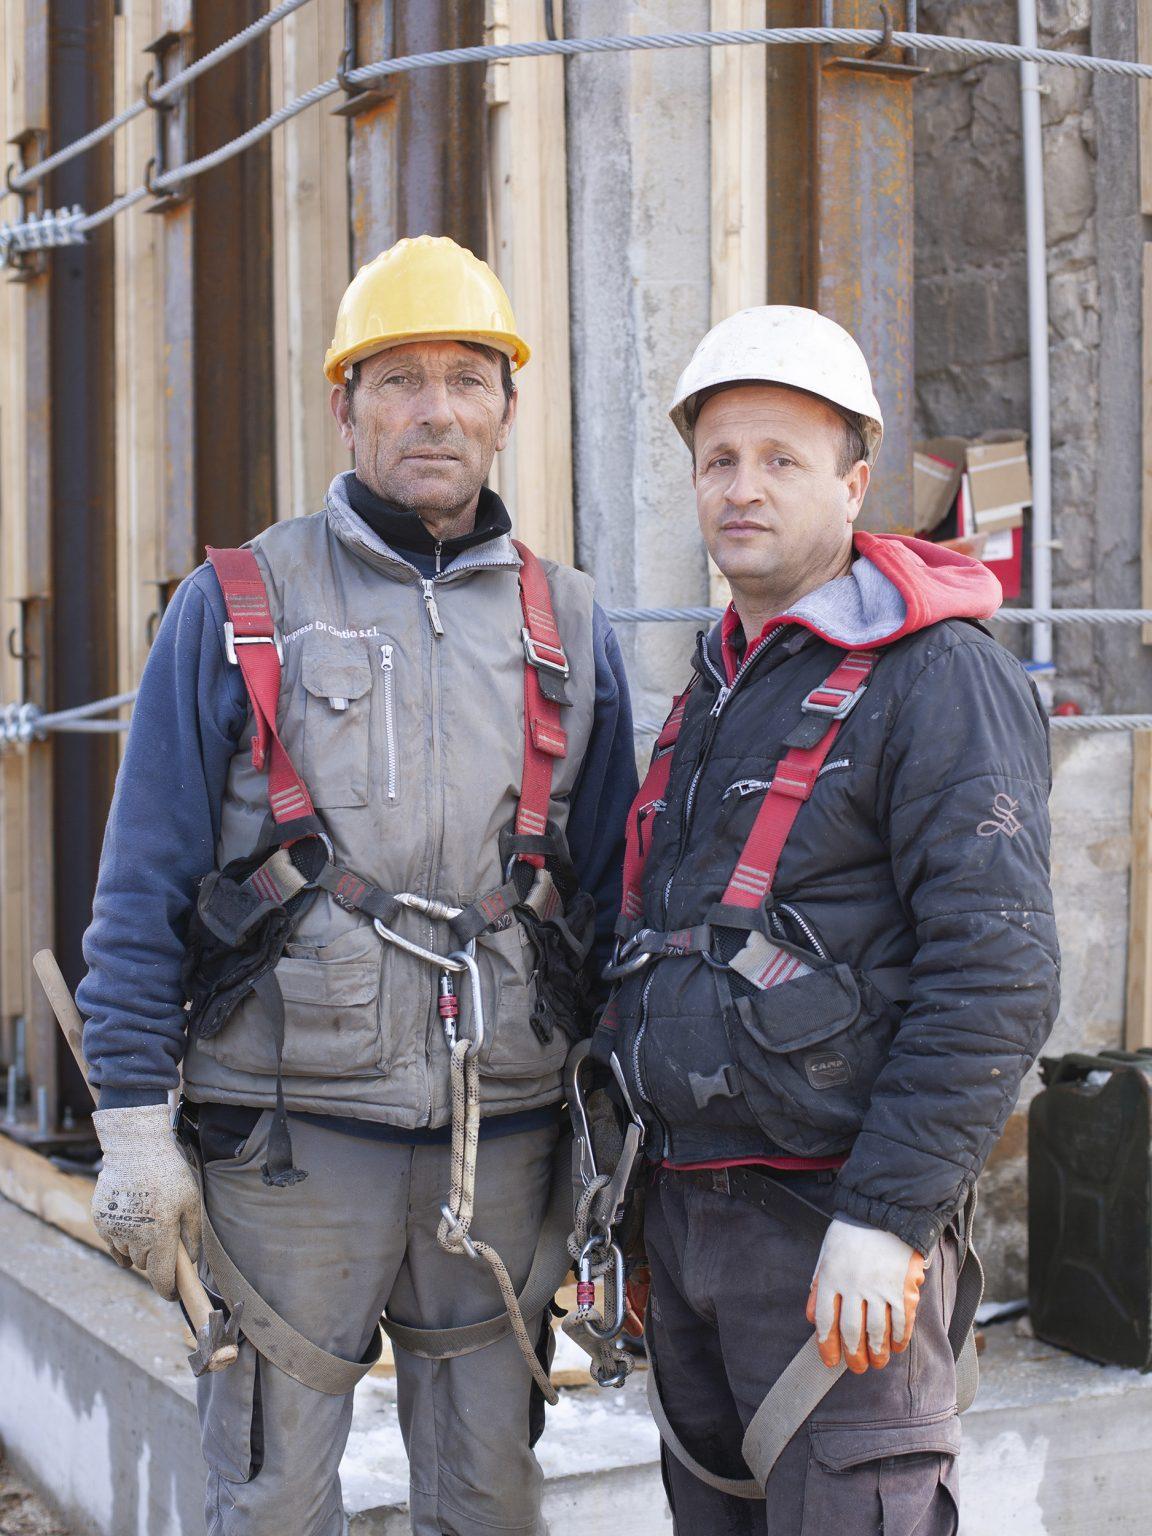 Antonio Cagnazzo e Imer Bektesov  Antonio e Imer, operai specializzati, durante i lavori di messa in sicurezza della torre civica di Amatrice.